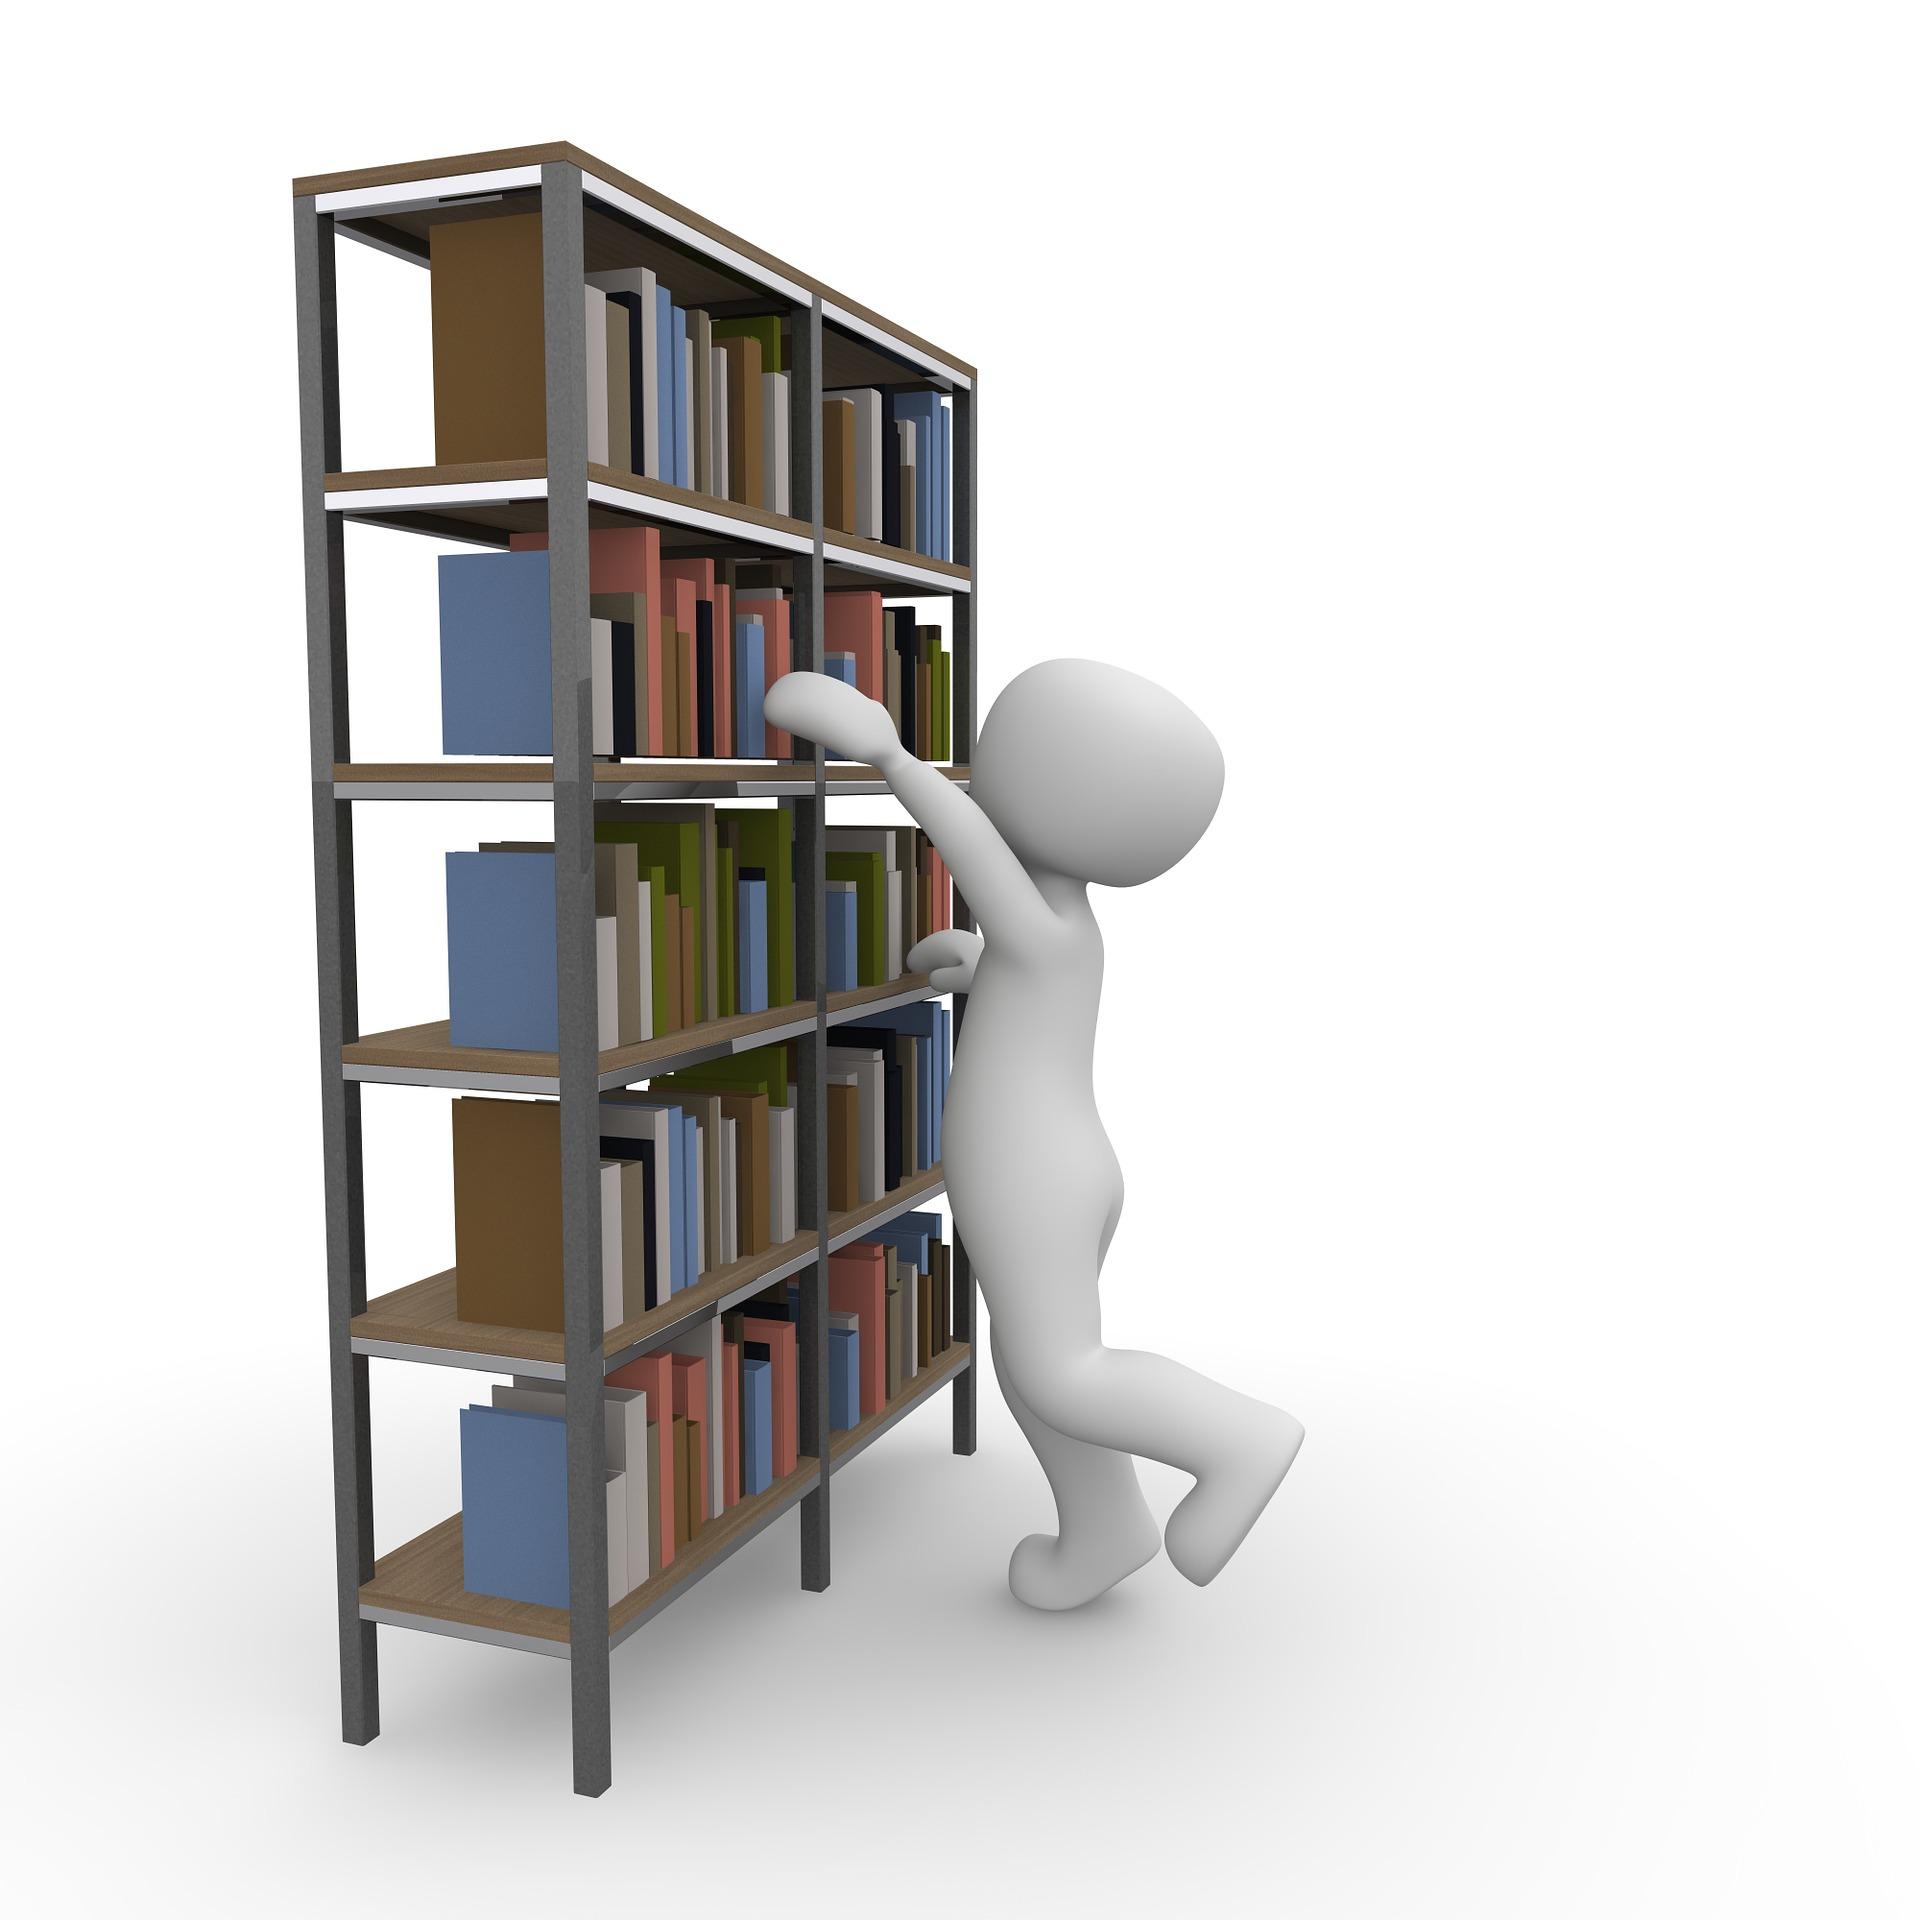 books-gf71544da5_1920